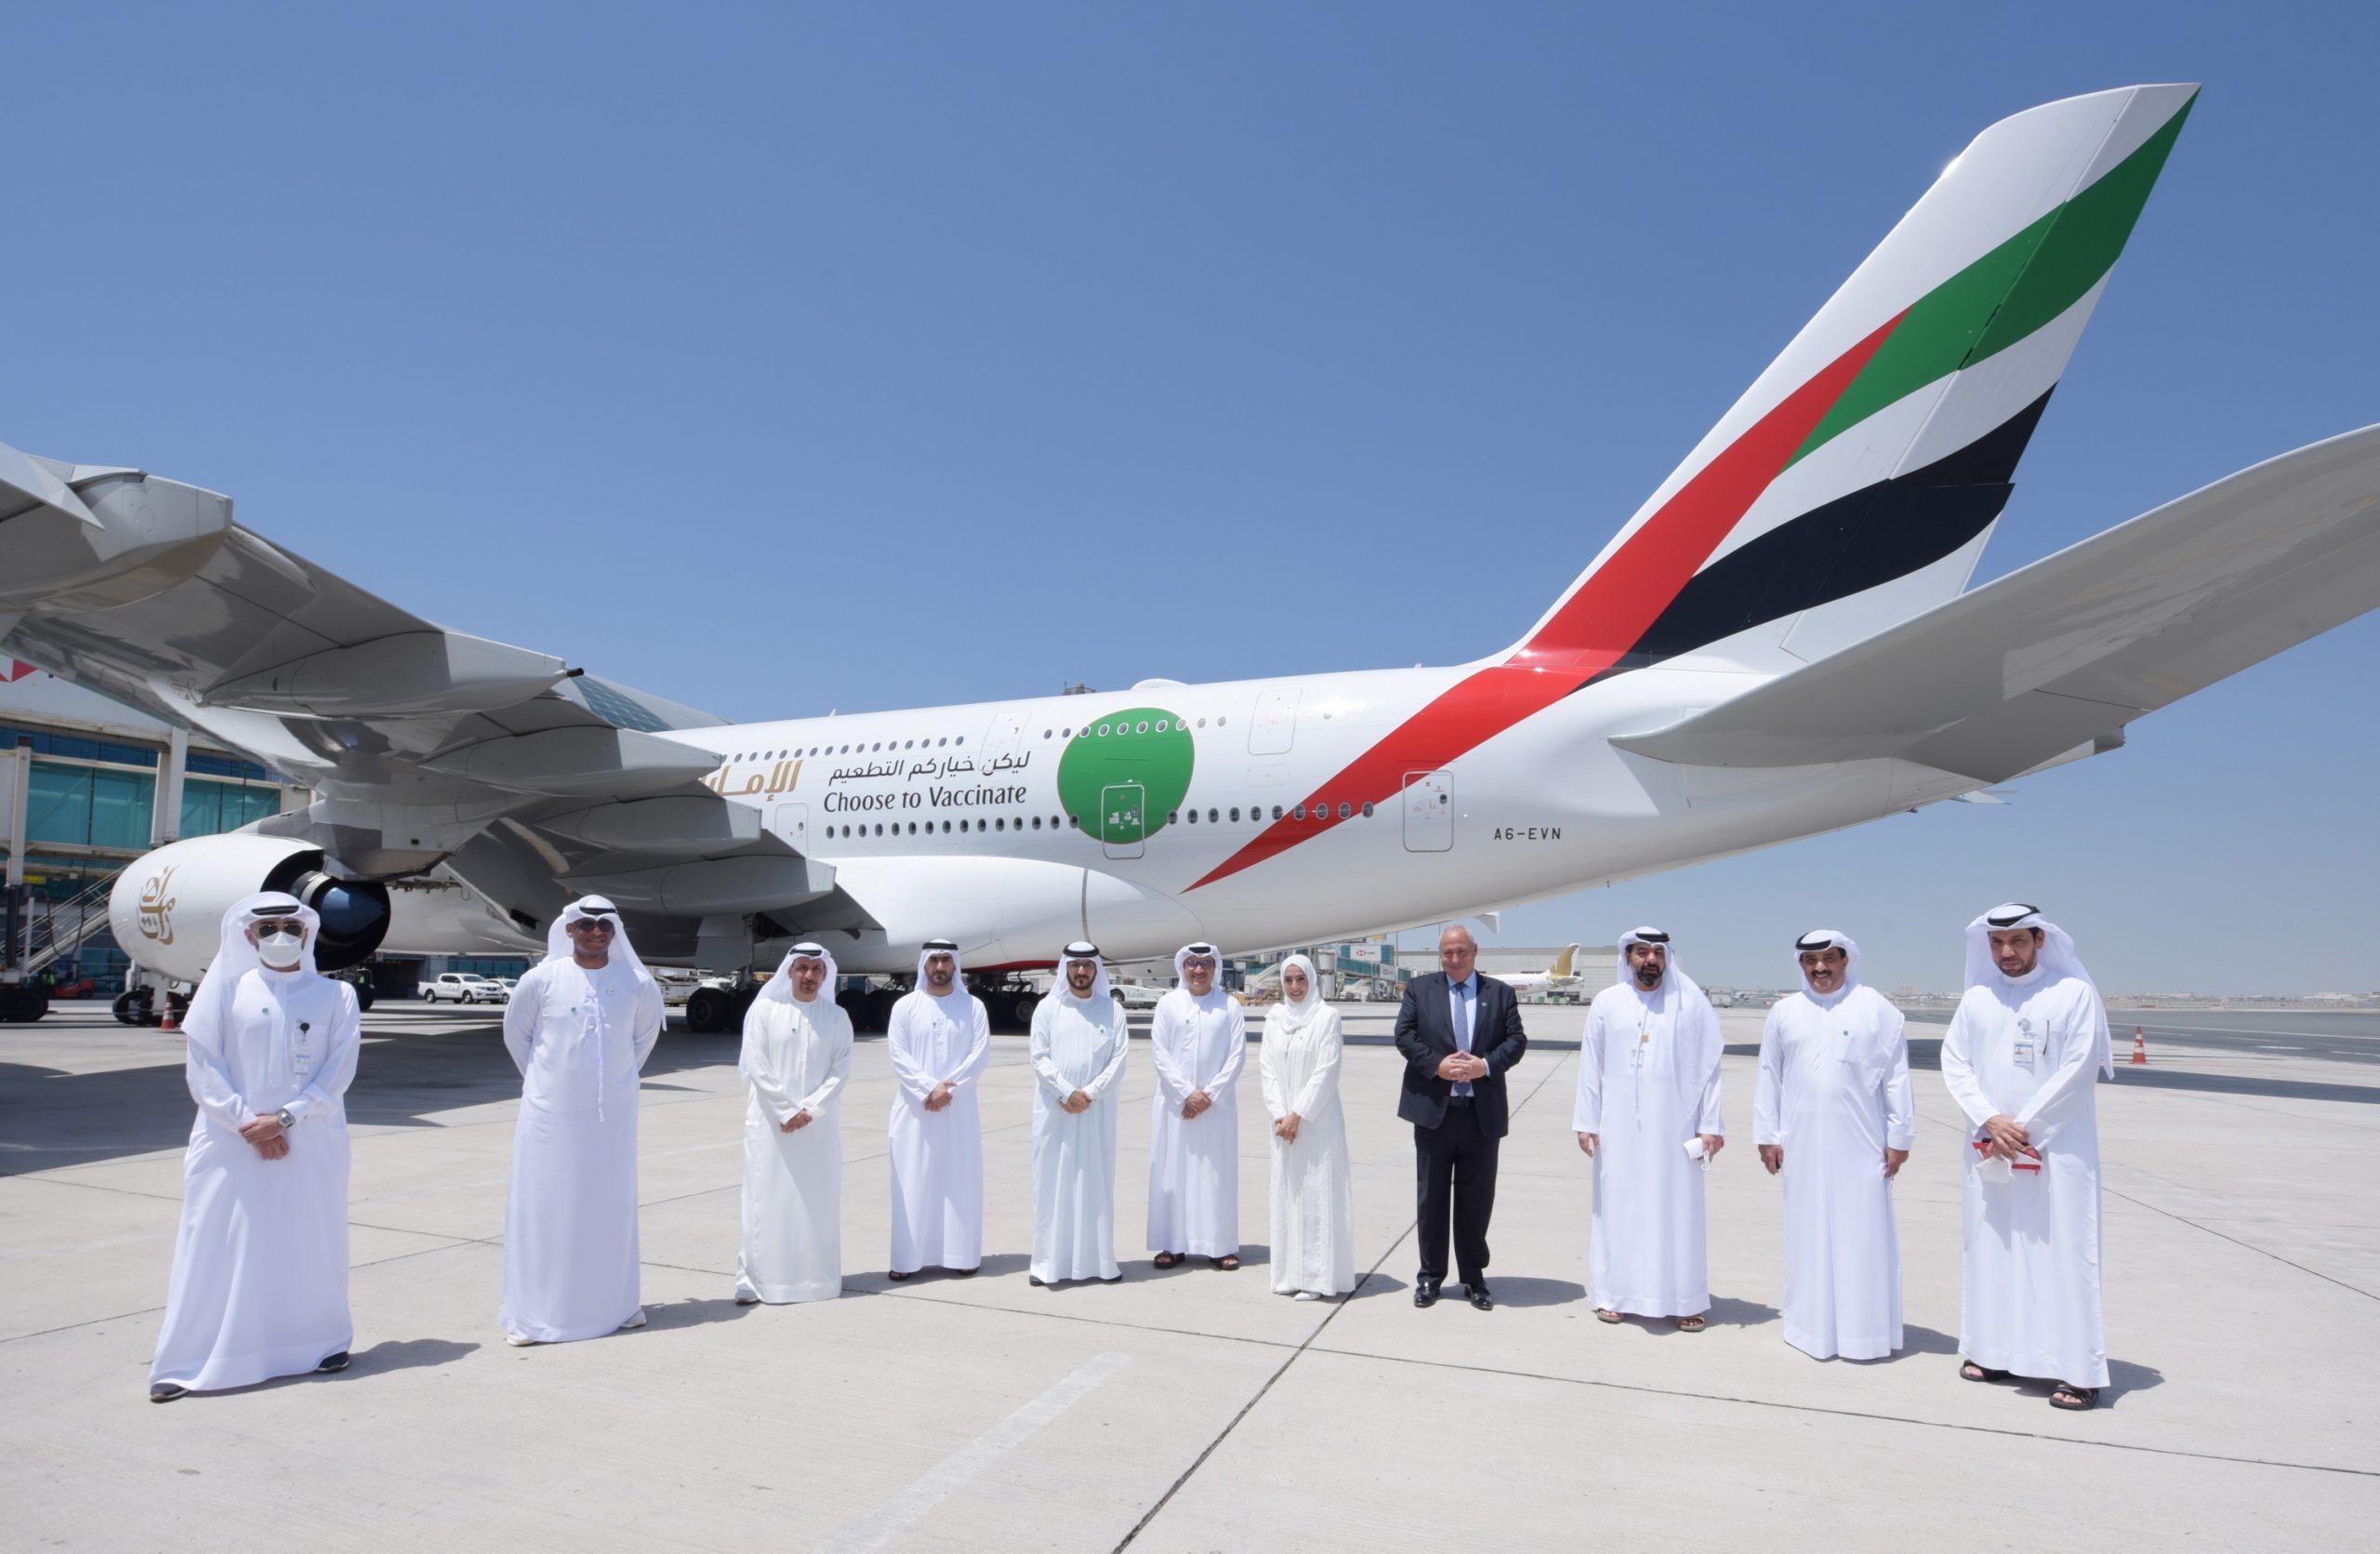 Emirates: specjalny lot EK2021 z w pełni zaszczepioną załogą i pasażerami